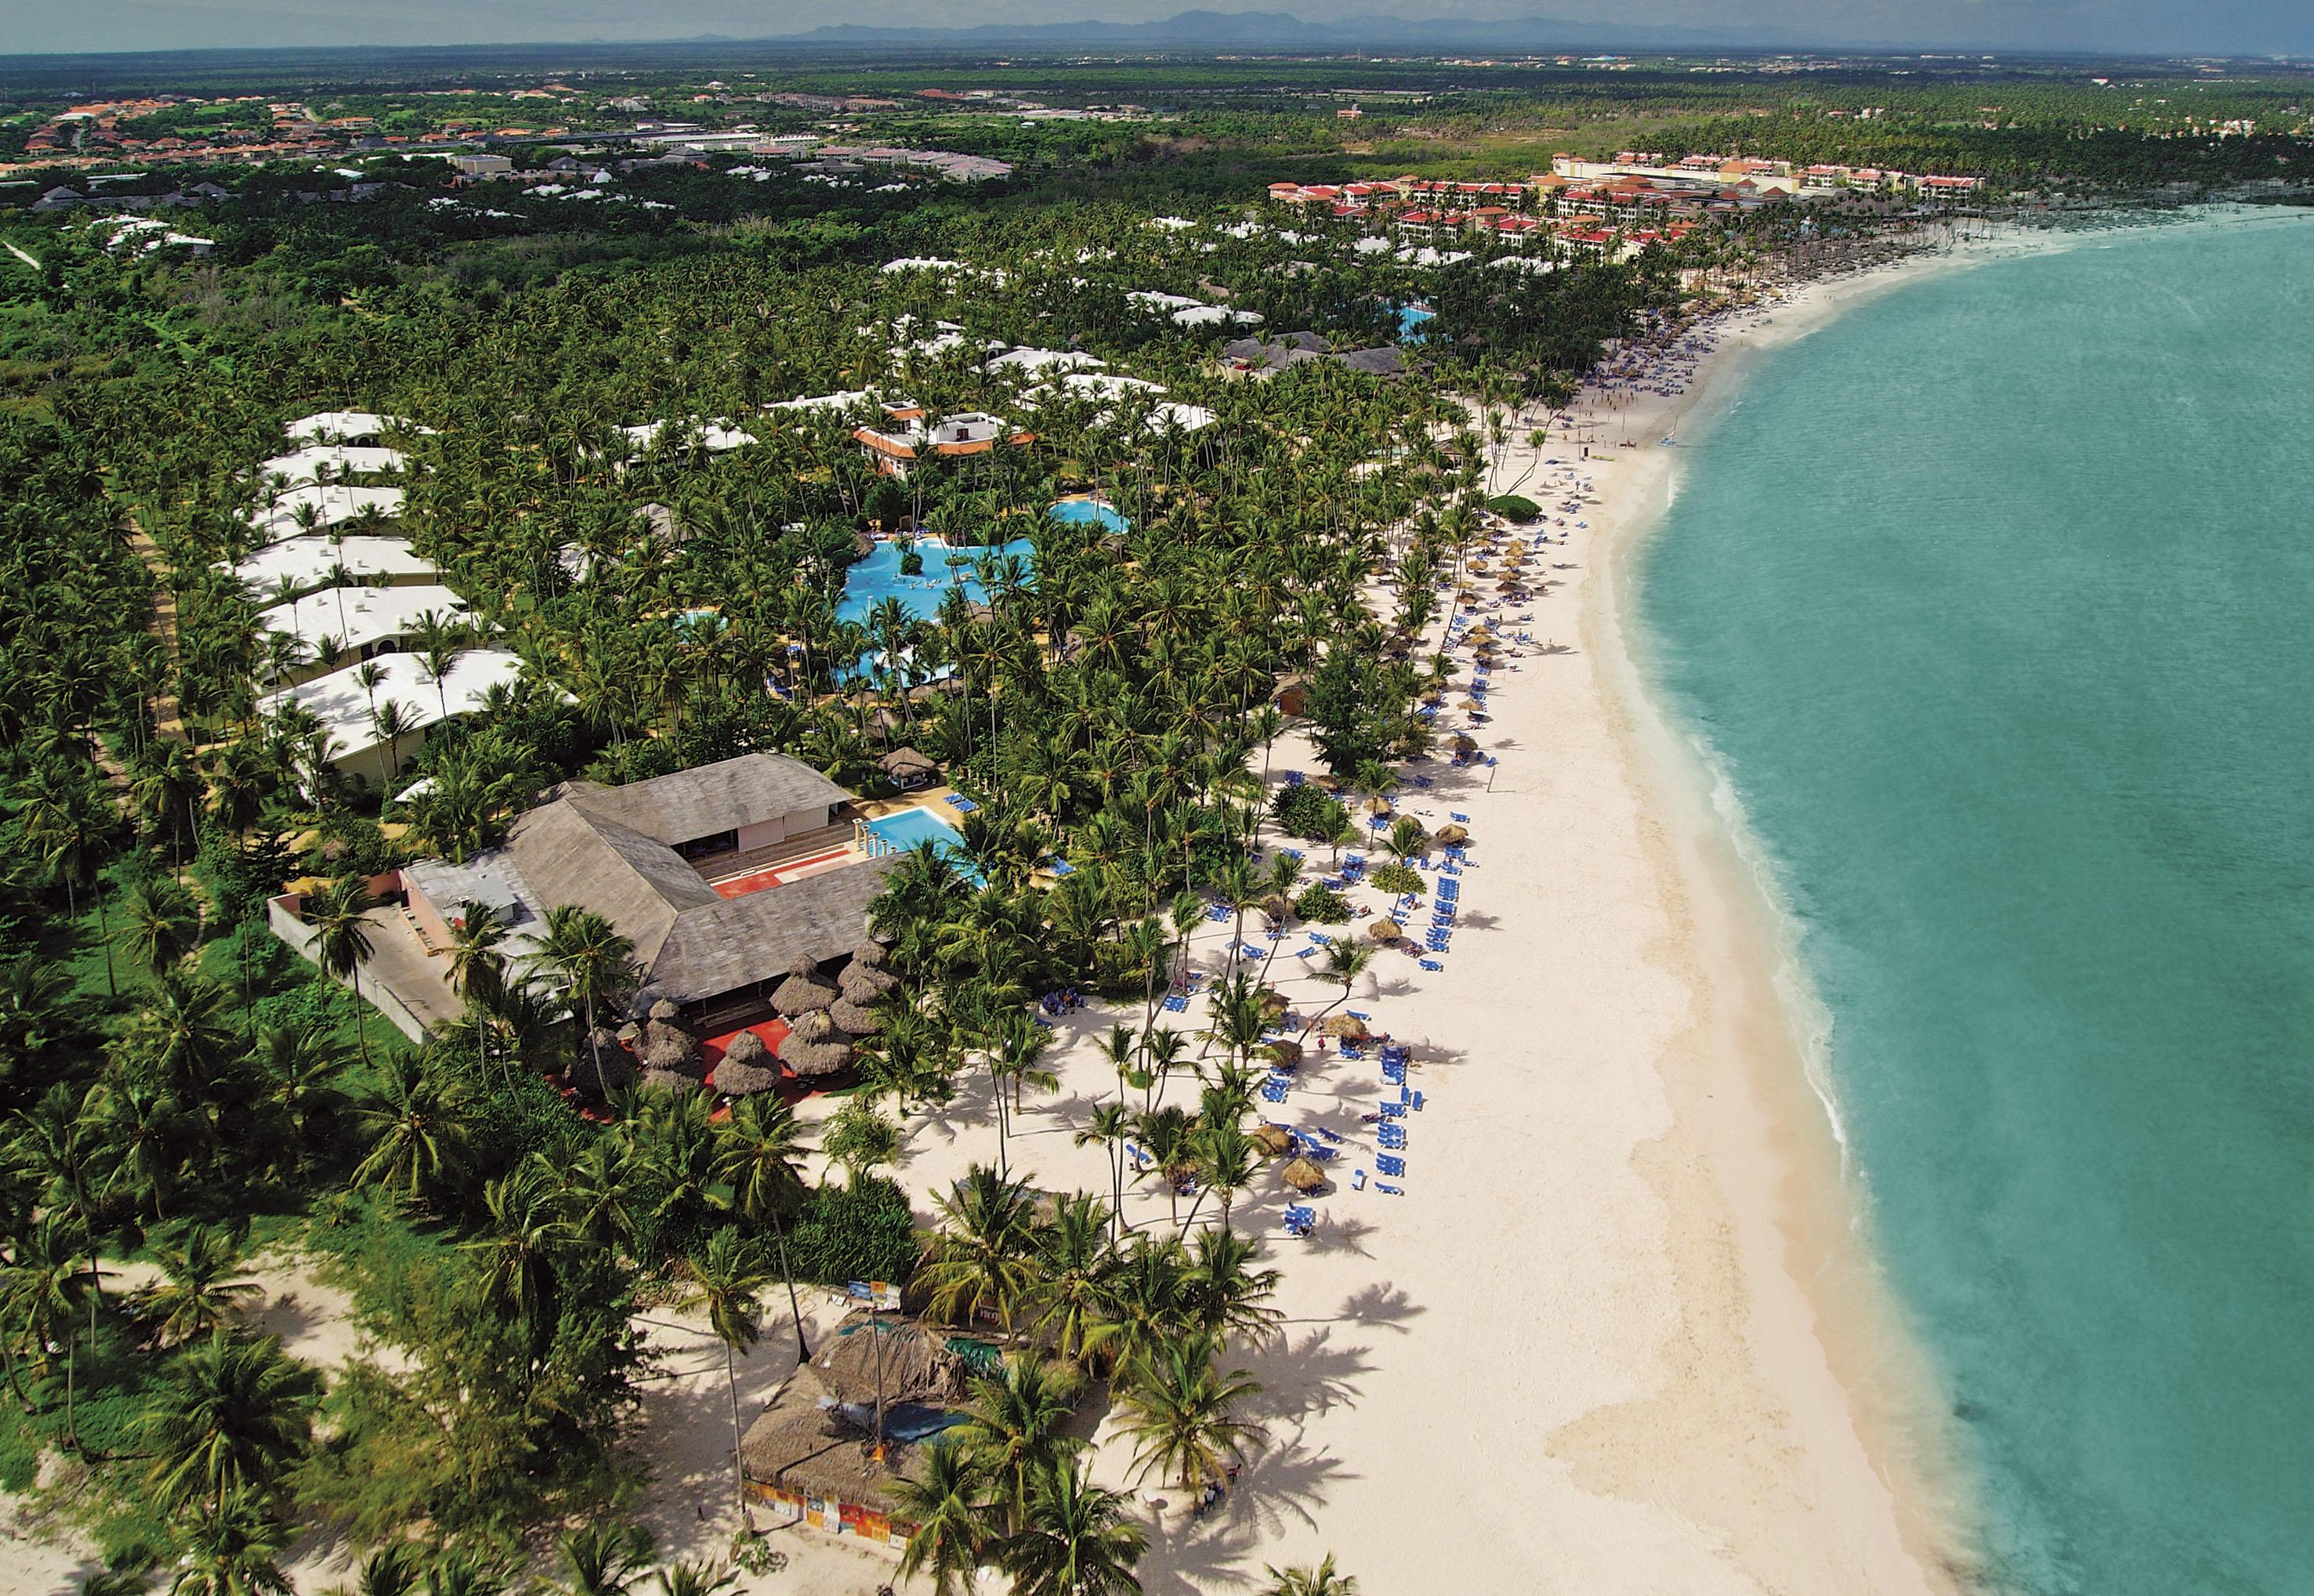 Exclusif : Le Meliá Caribe Tropical Punta Cana divisé en deux hôtels distincts